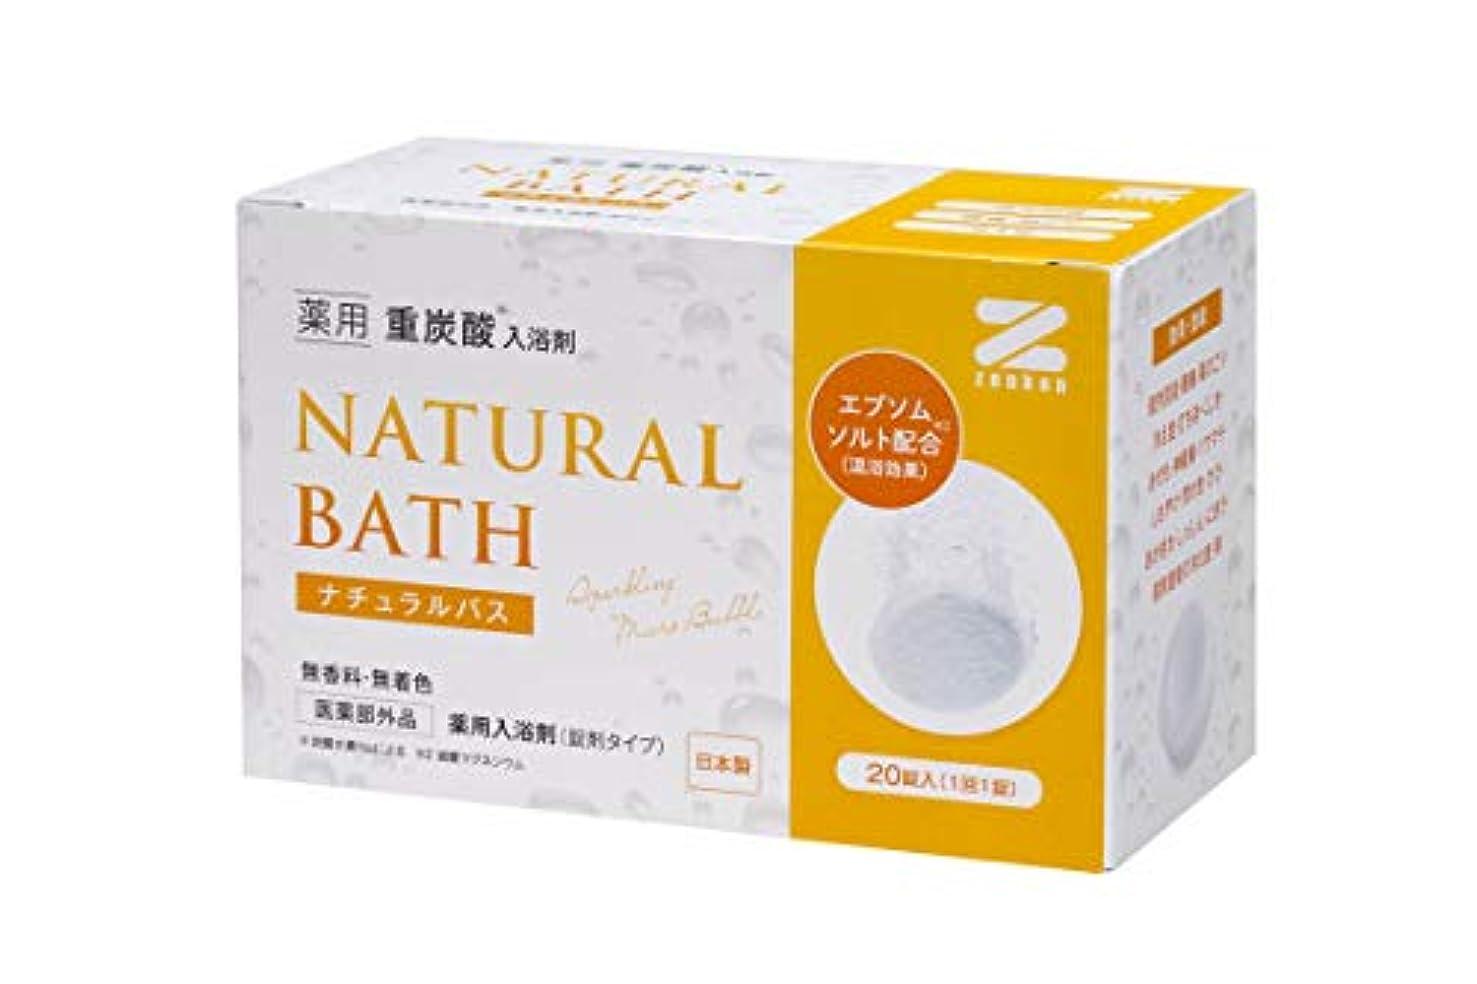 スキーム珍しい手術薬用 重炭酸入浴剤 ナチュラルバス 20個入り ZNB-20